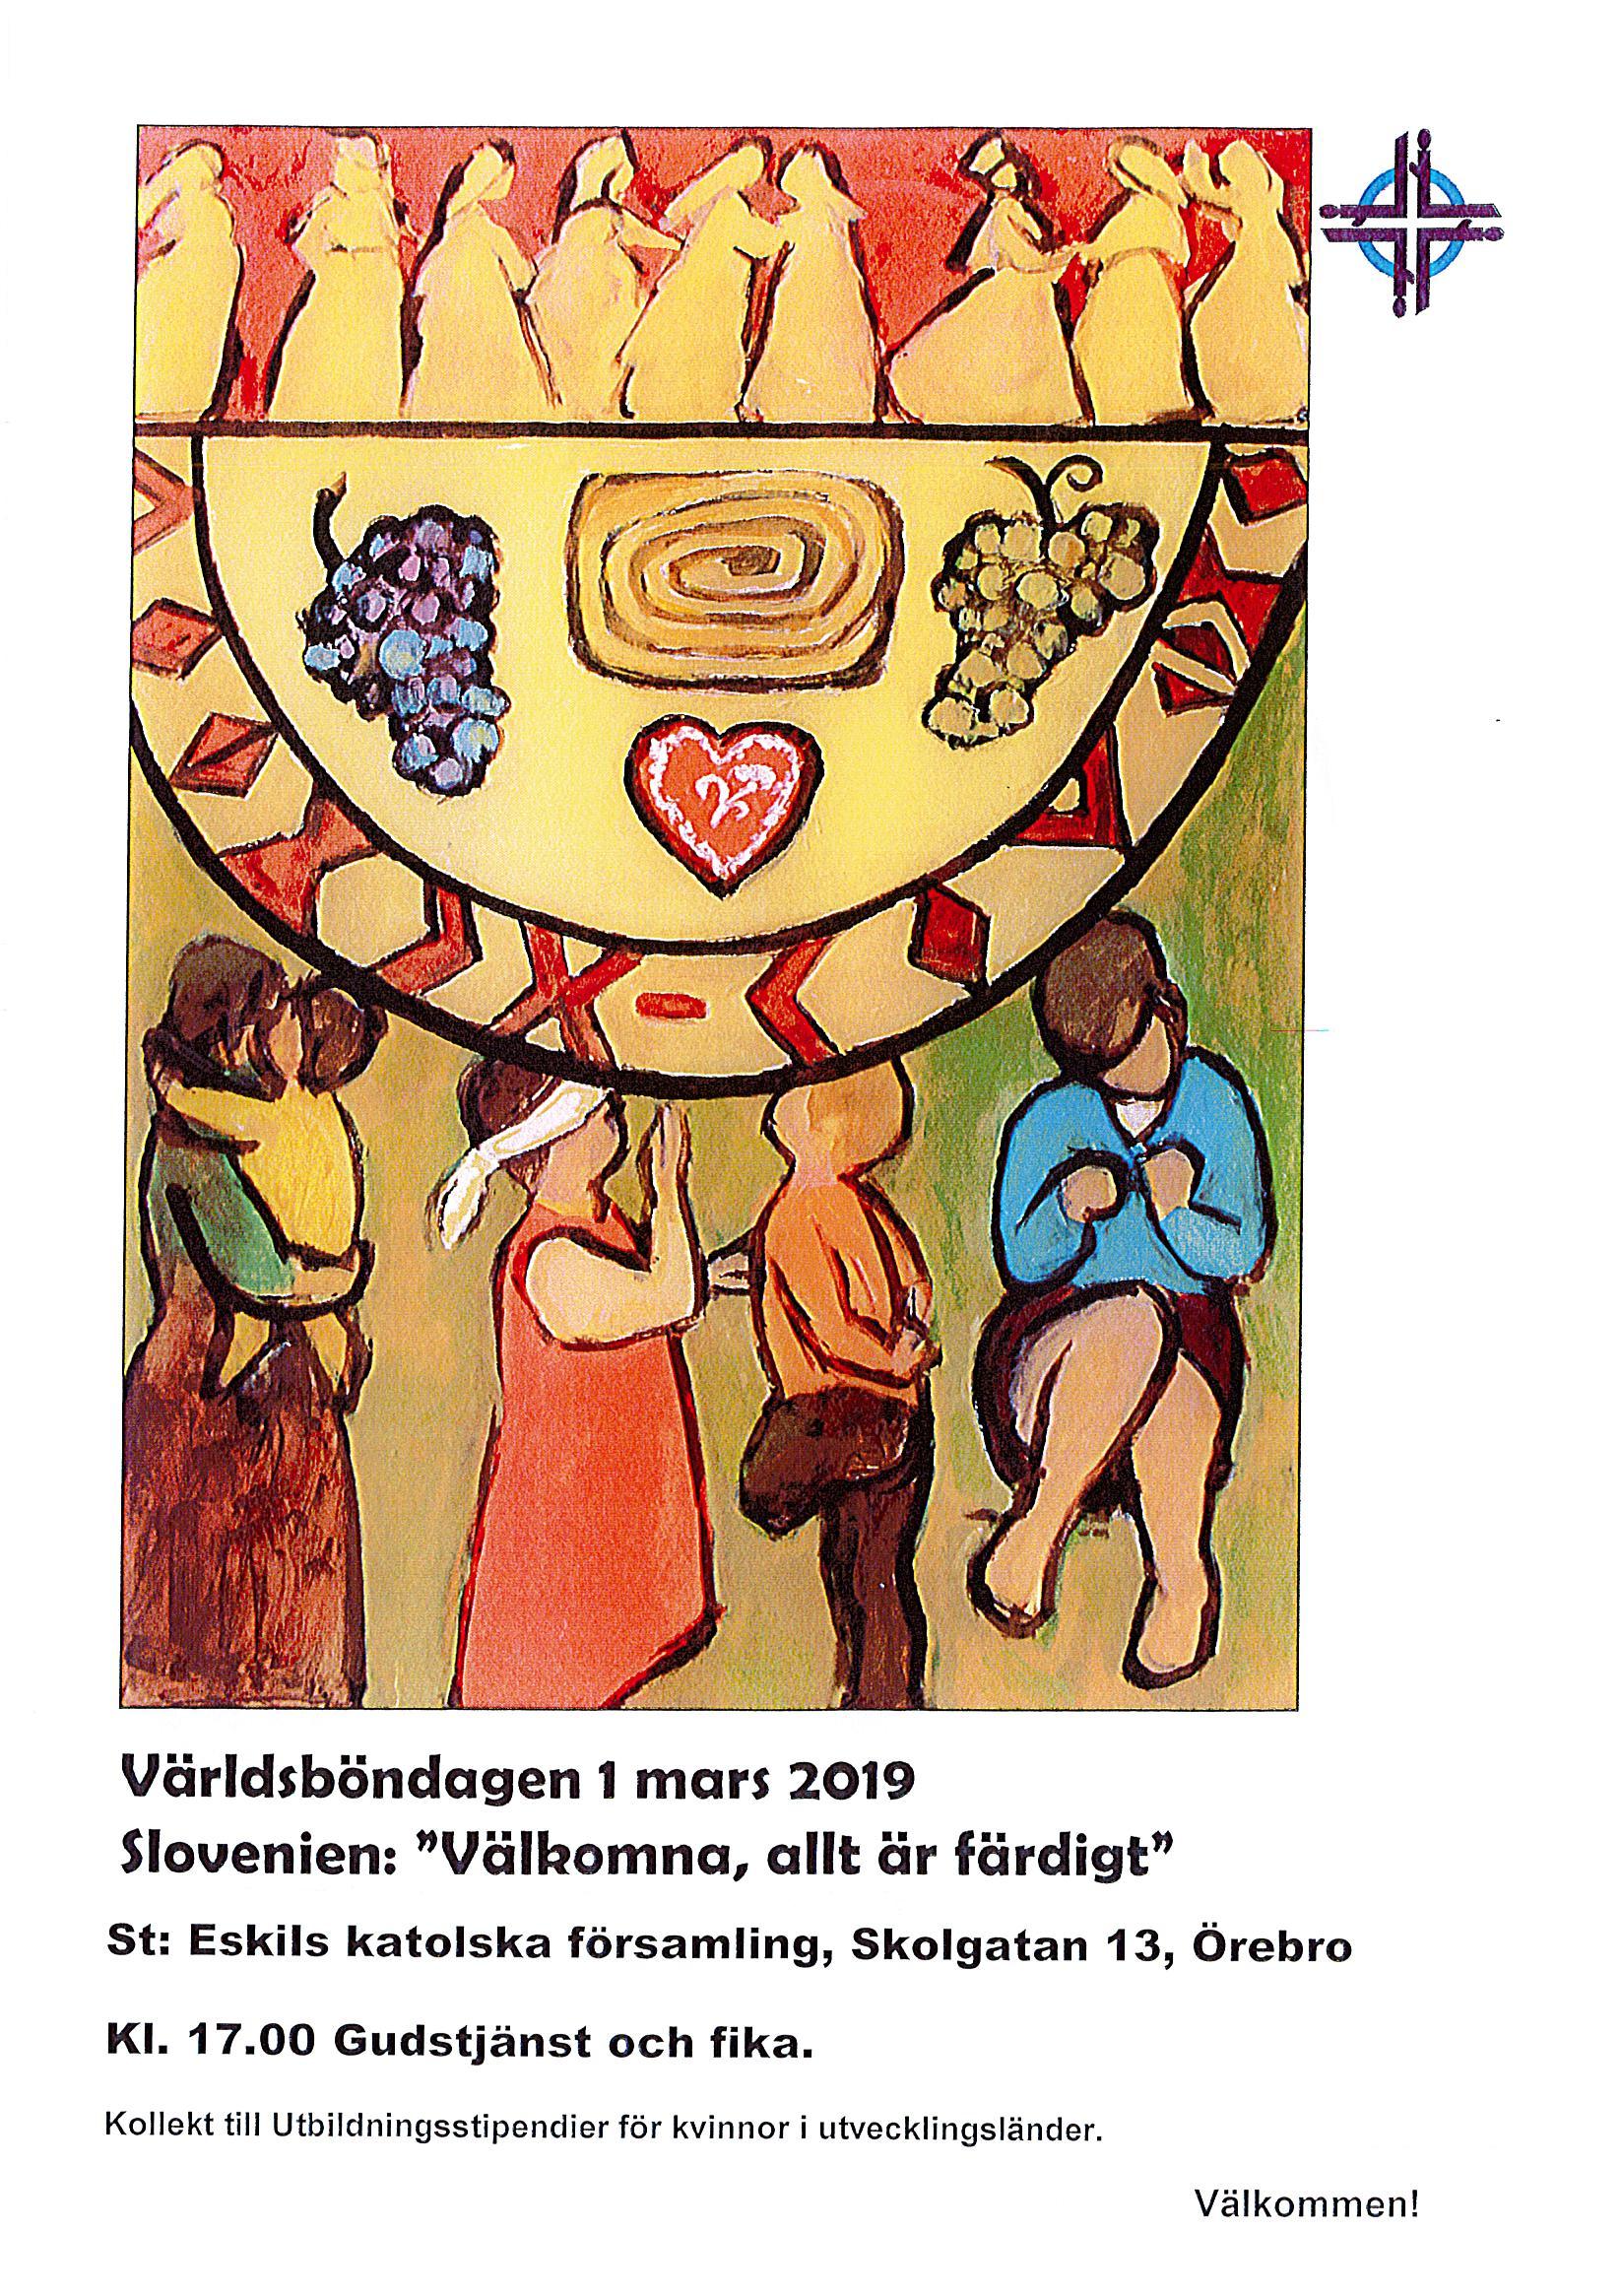 Världsböndagen 1 mars 2019